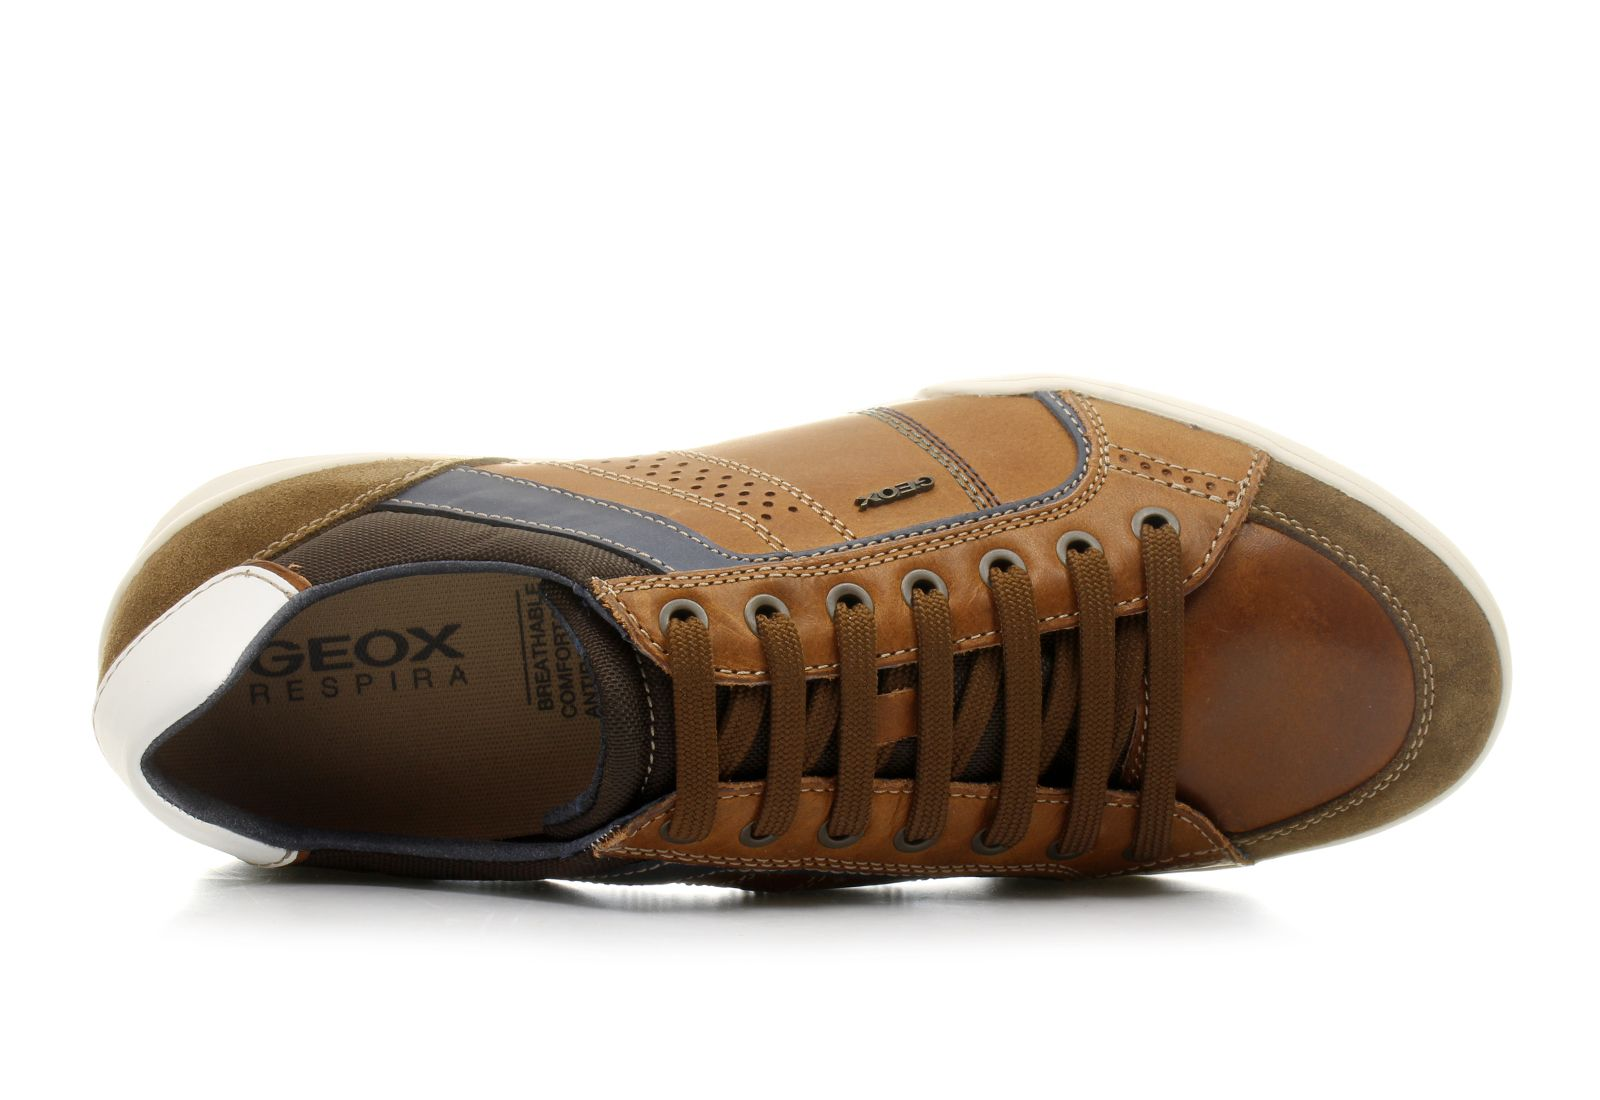 Geox Półbuty - Kristof - 0EA-FF22-0235 - Obuwie i buty damskie ... b4204a674a